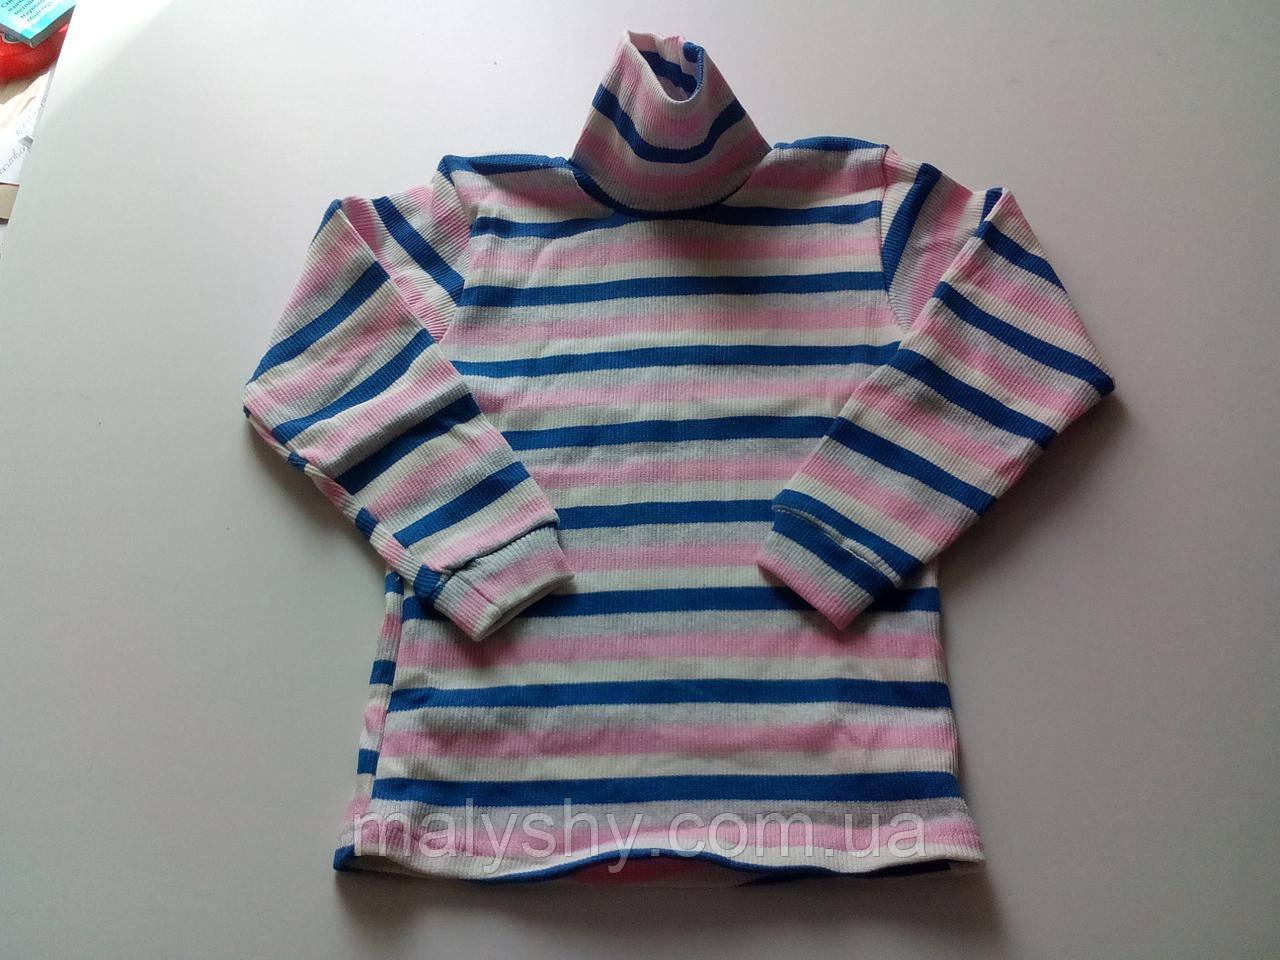 Водолазка полосатая 230219407, рост 122-128 размер 64 / молочный-синий-серый-розовый